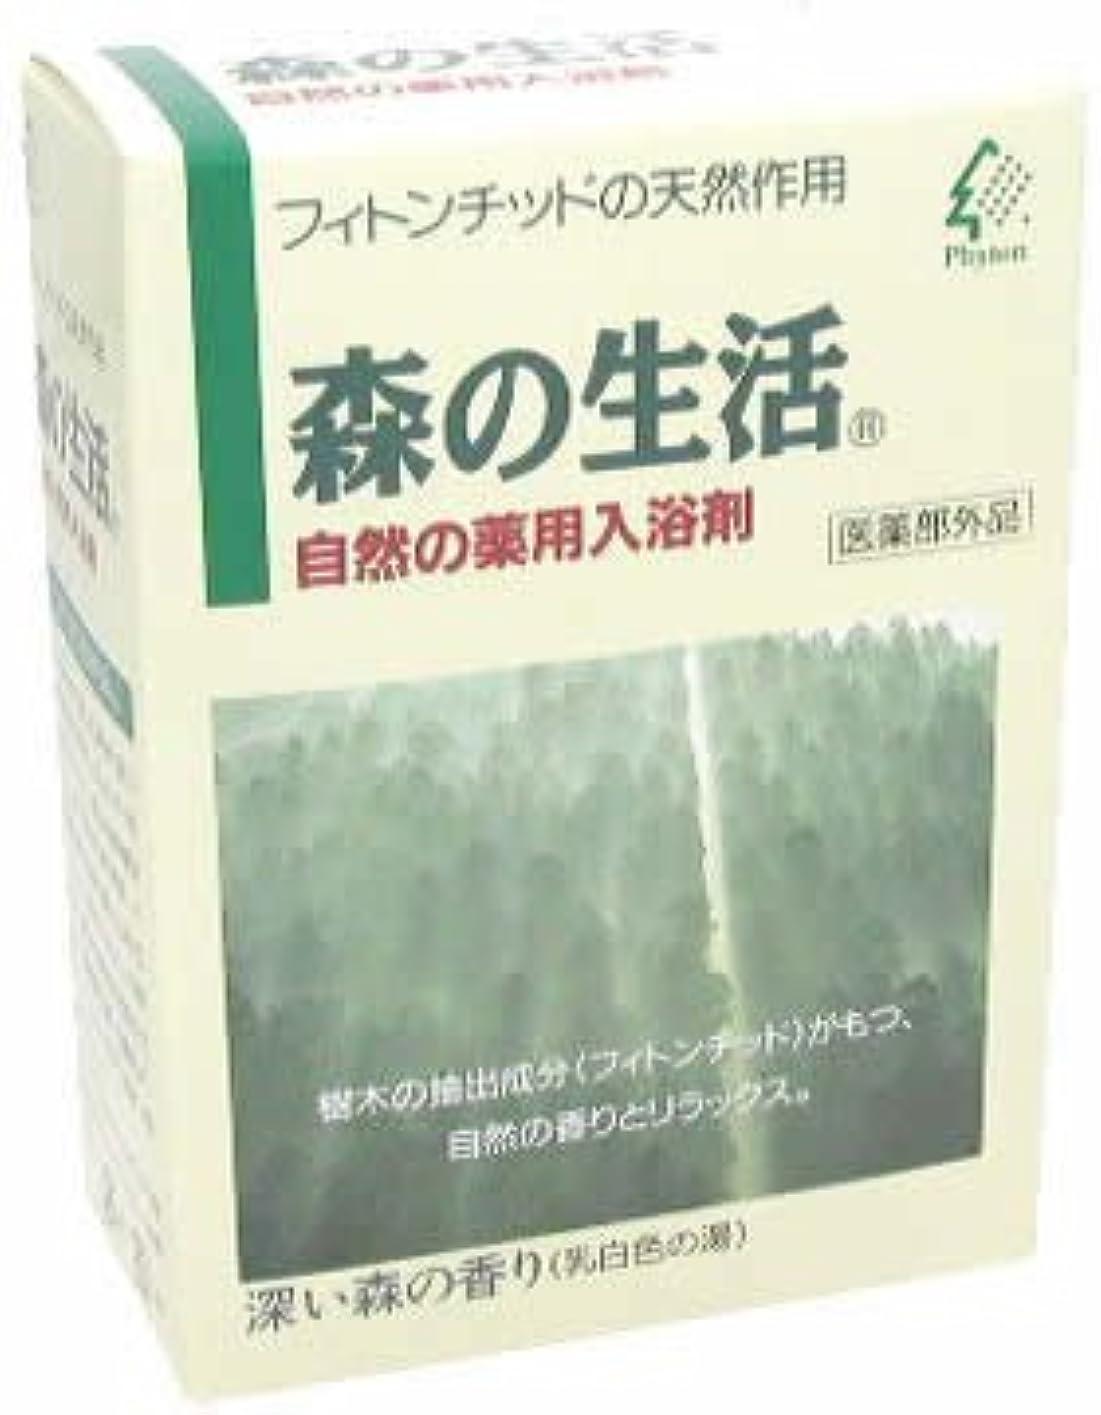 ドリル百万医療過誤森の生活 薬用入浴剤 6包入(乳白色)